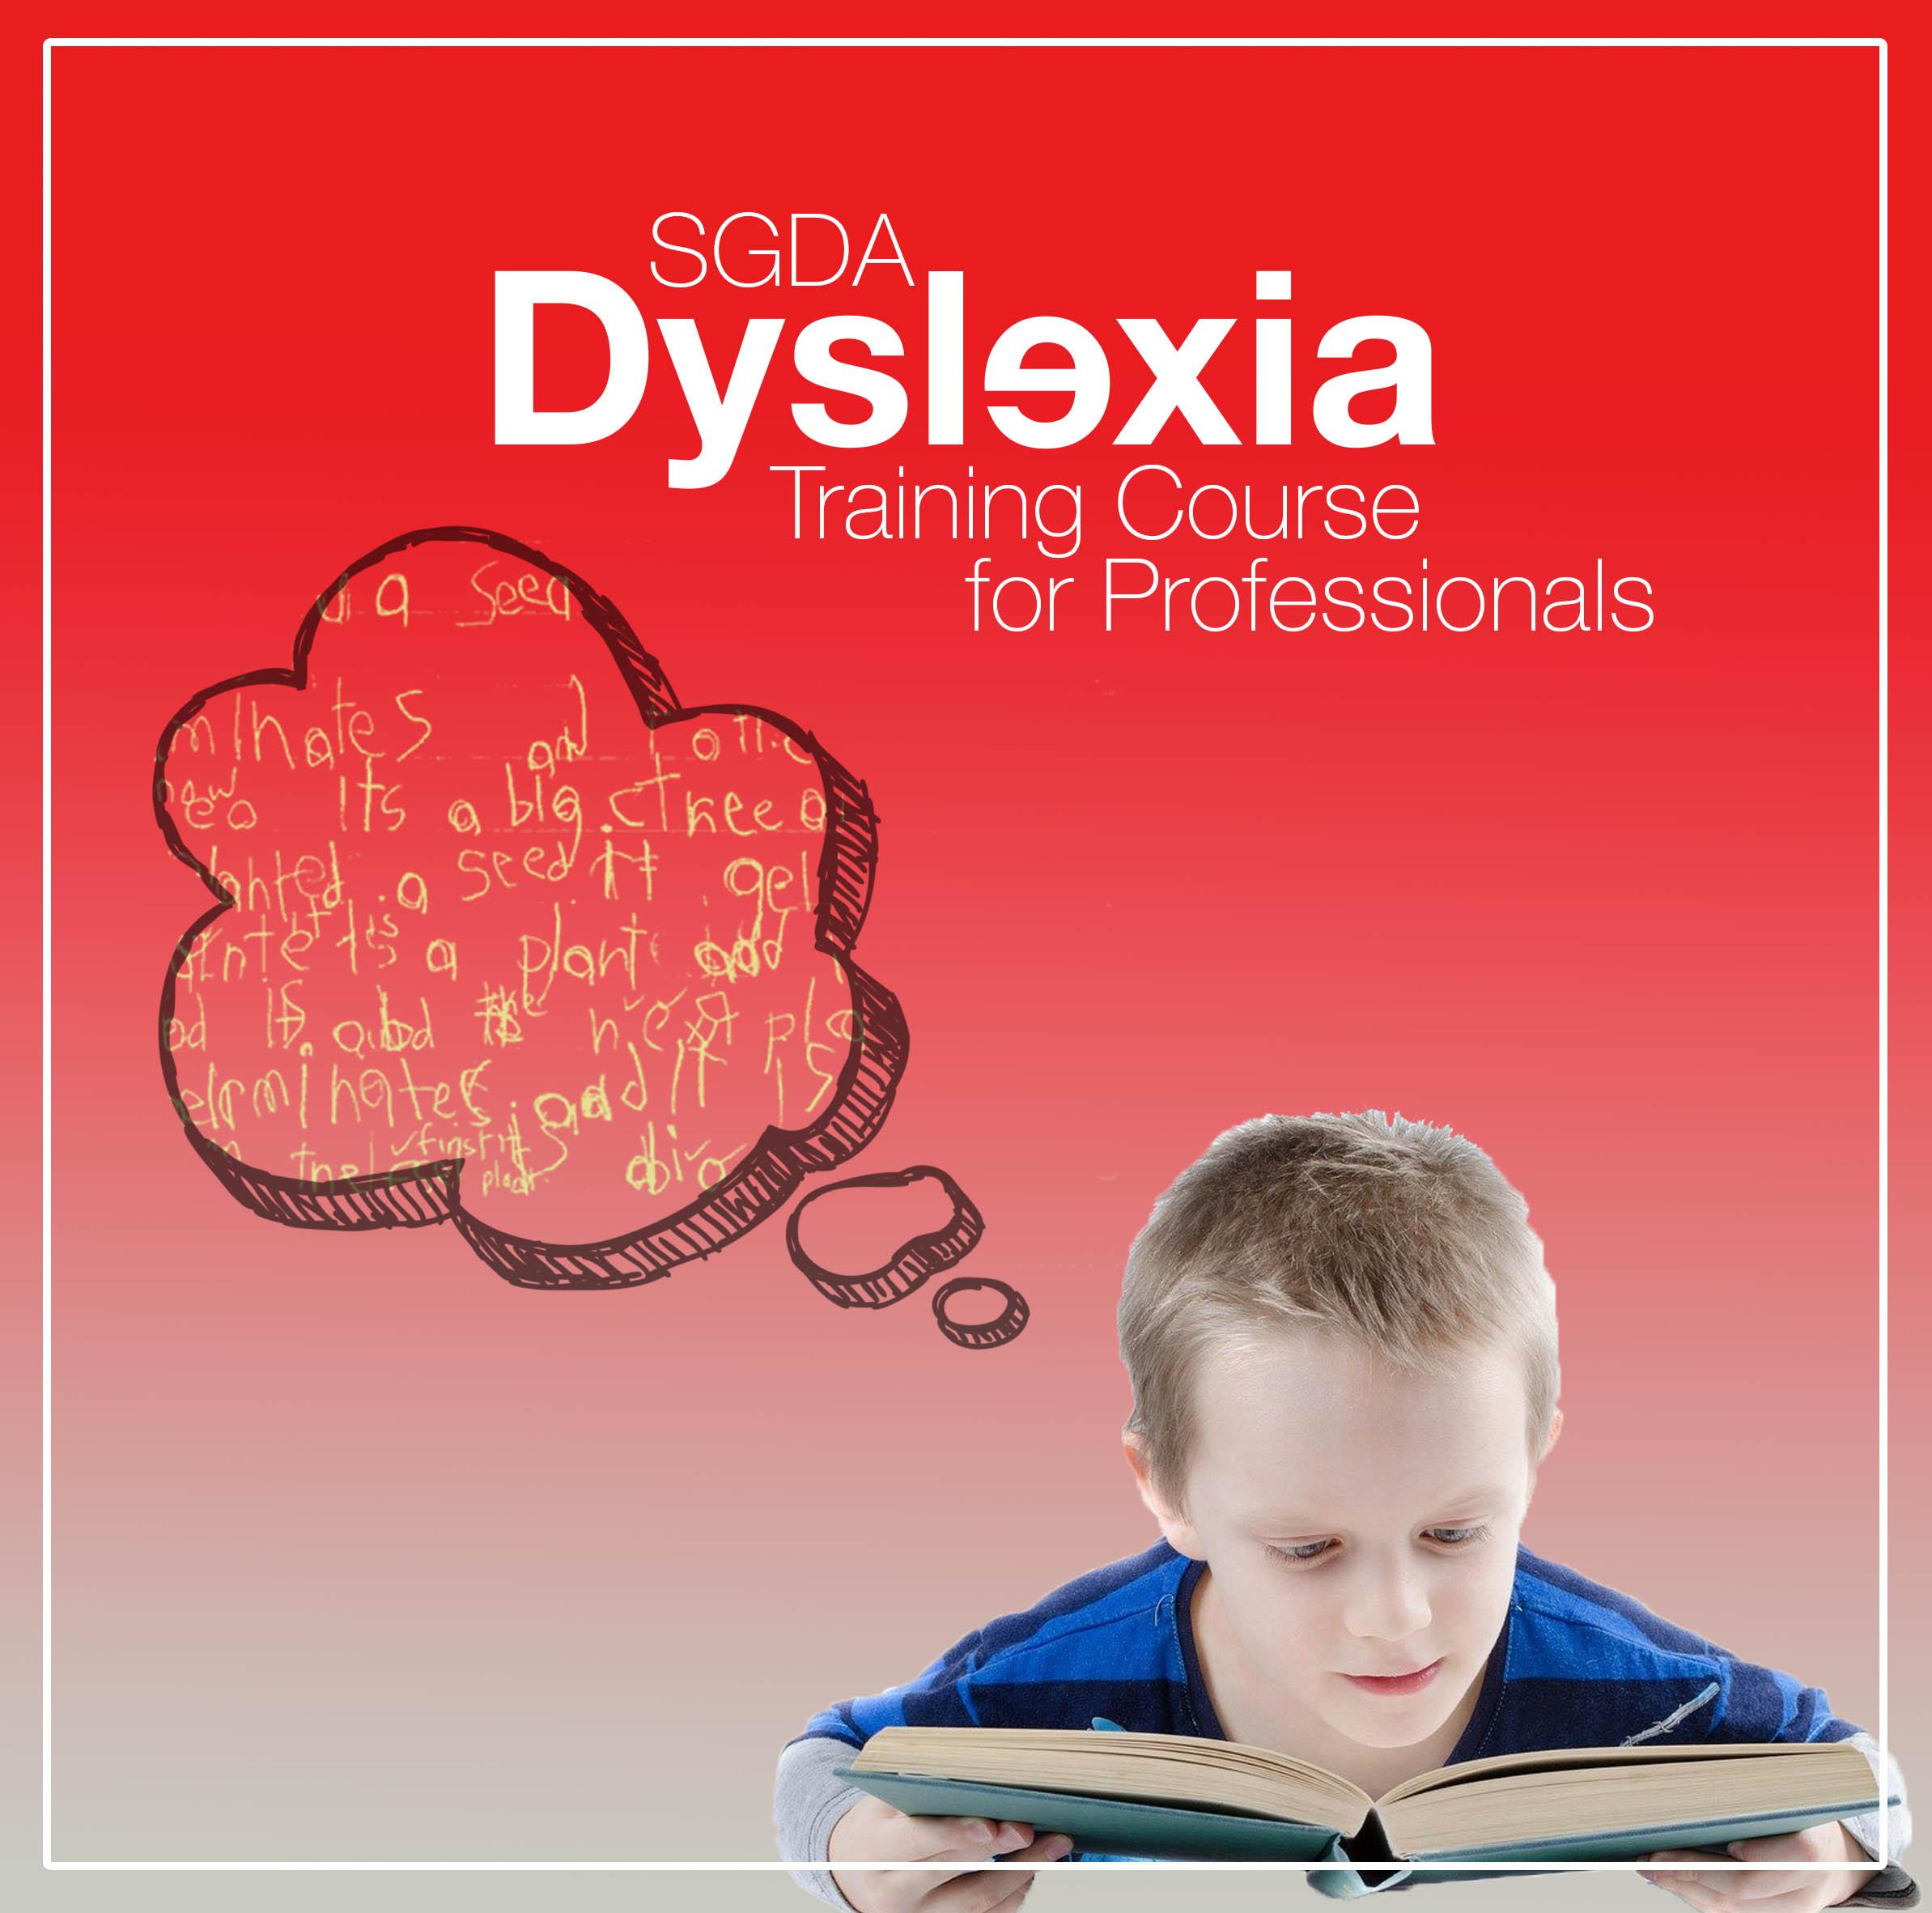 ProffesionalsDyslexia